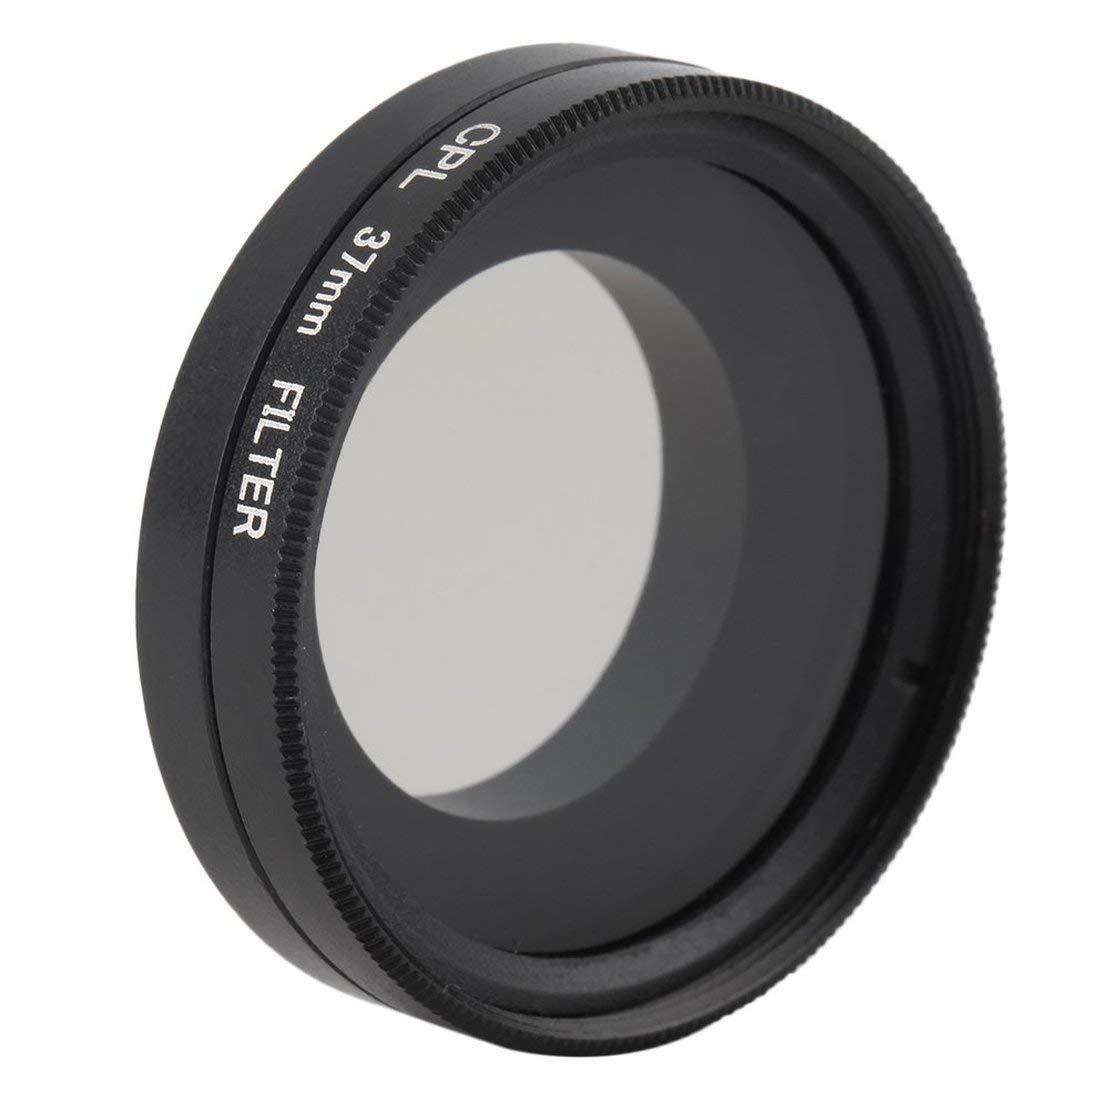 Lente polarizada Negro de Forma Circular del Filtro de Vidrio de aleació n de Aluminio de 37 mm polarizado para Gopro HD Hero 4 Laurelmartina